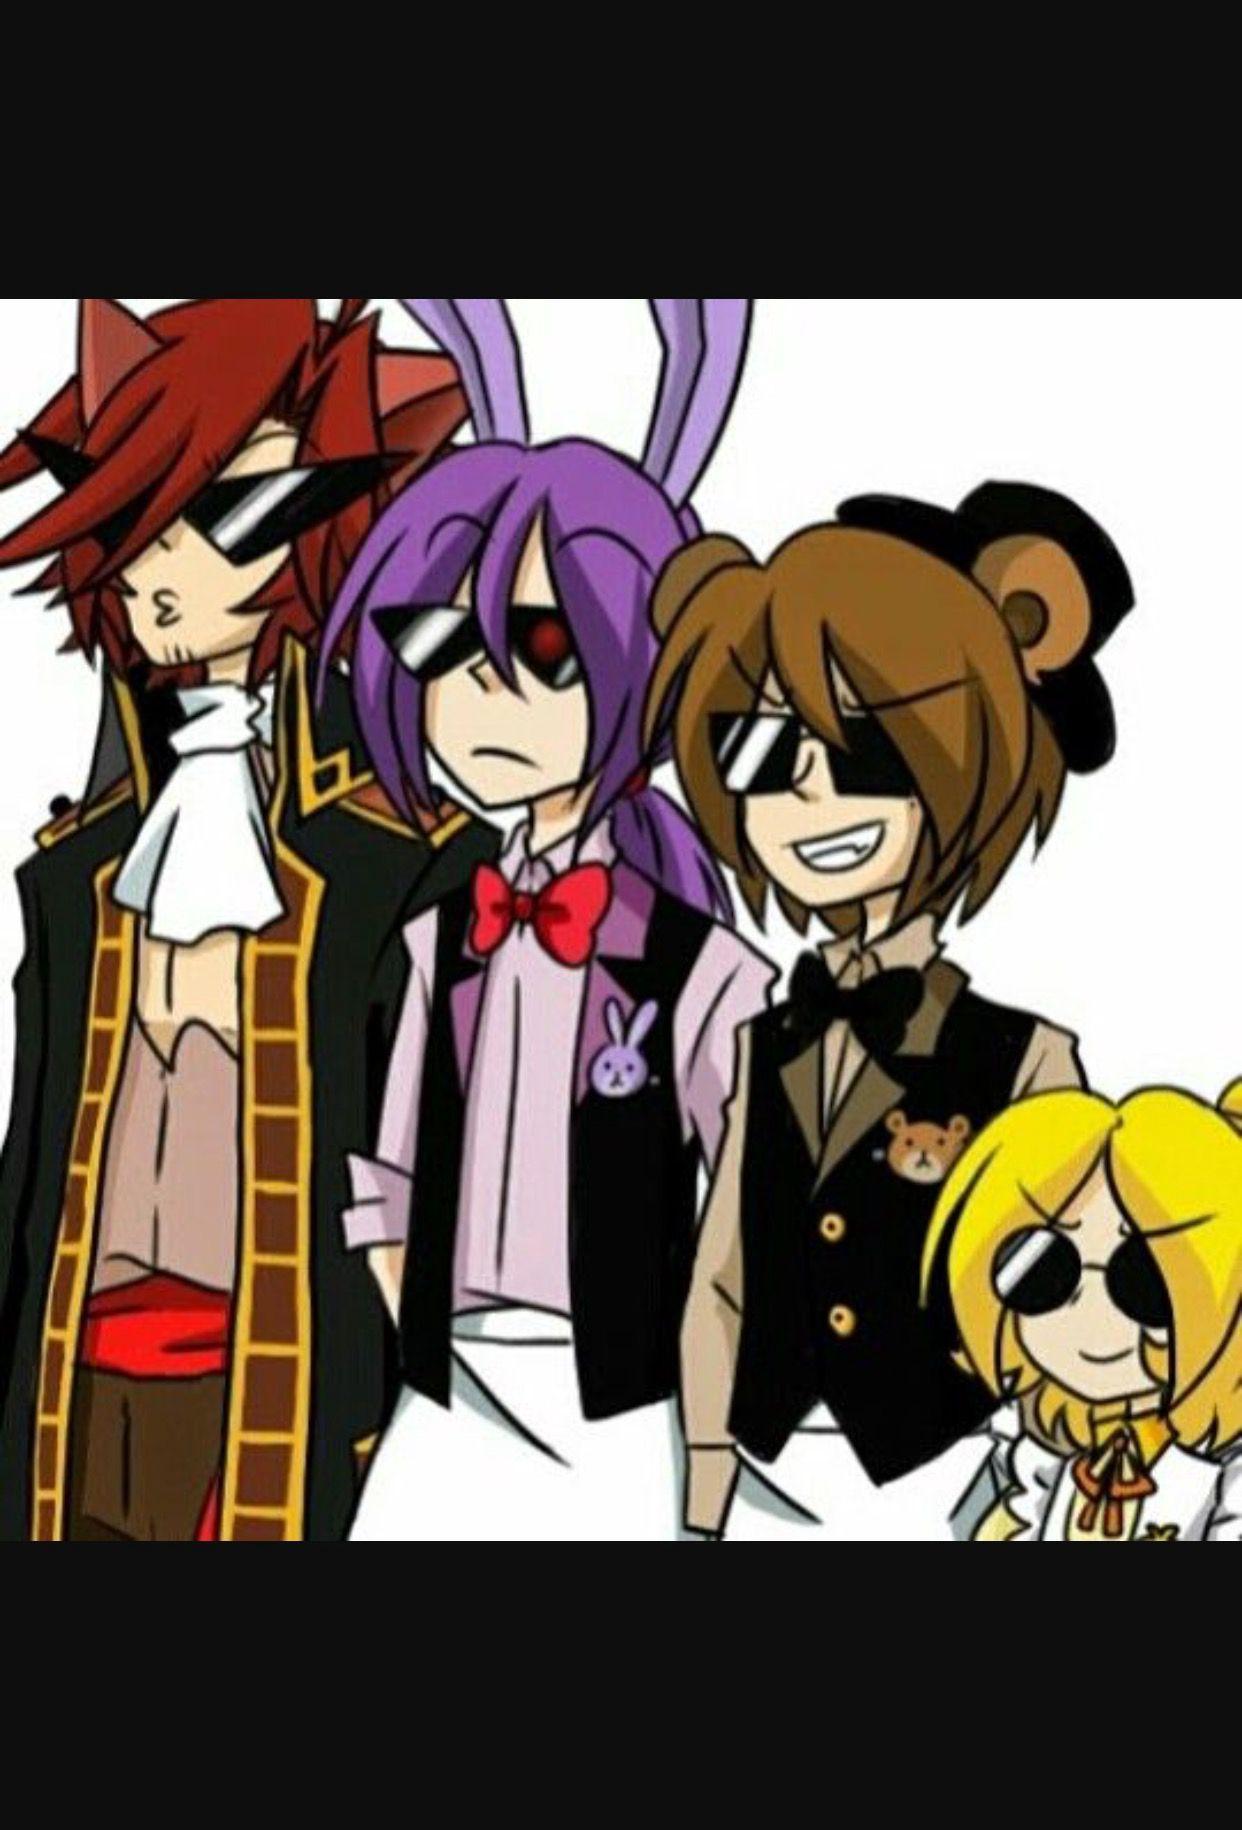 Human Fnaf X Reader Oneshots Anime Fnaf Fnaf Fnaf Characters